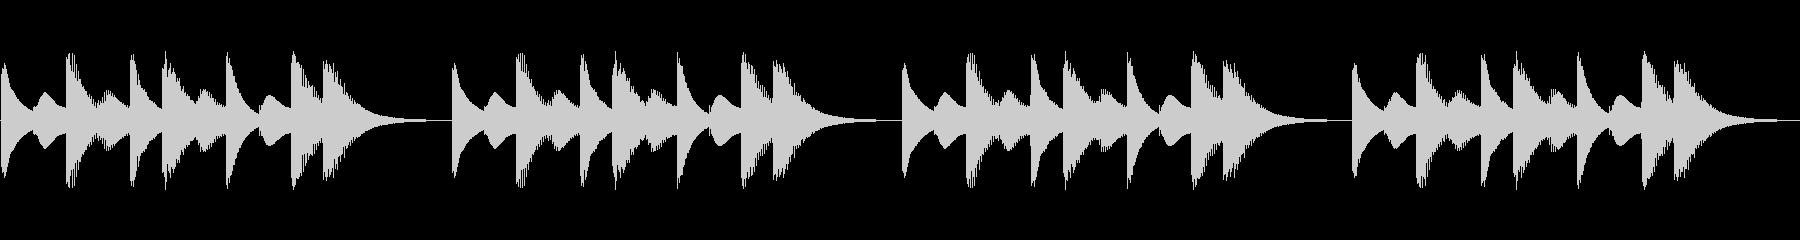 スマホ風着信音その1の未再生の波形